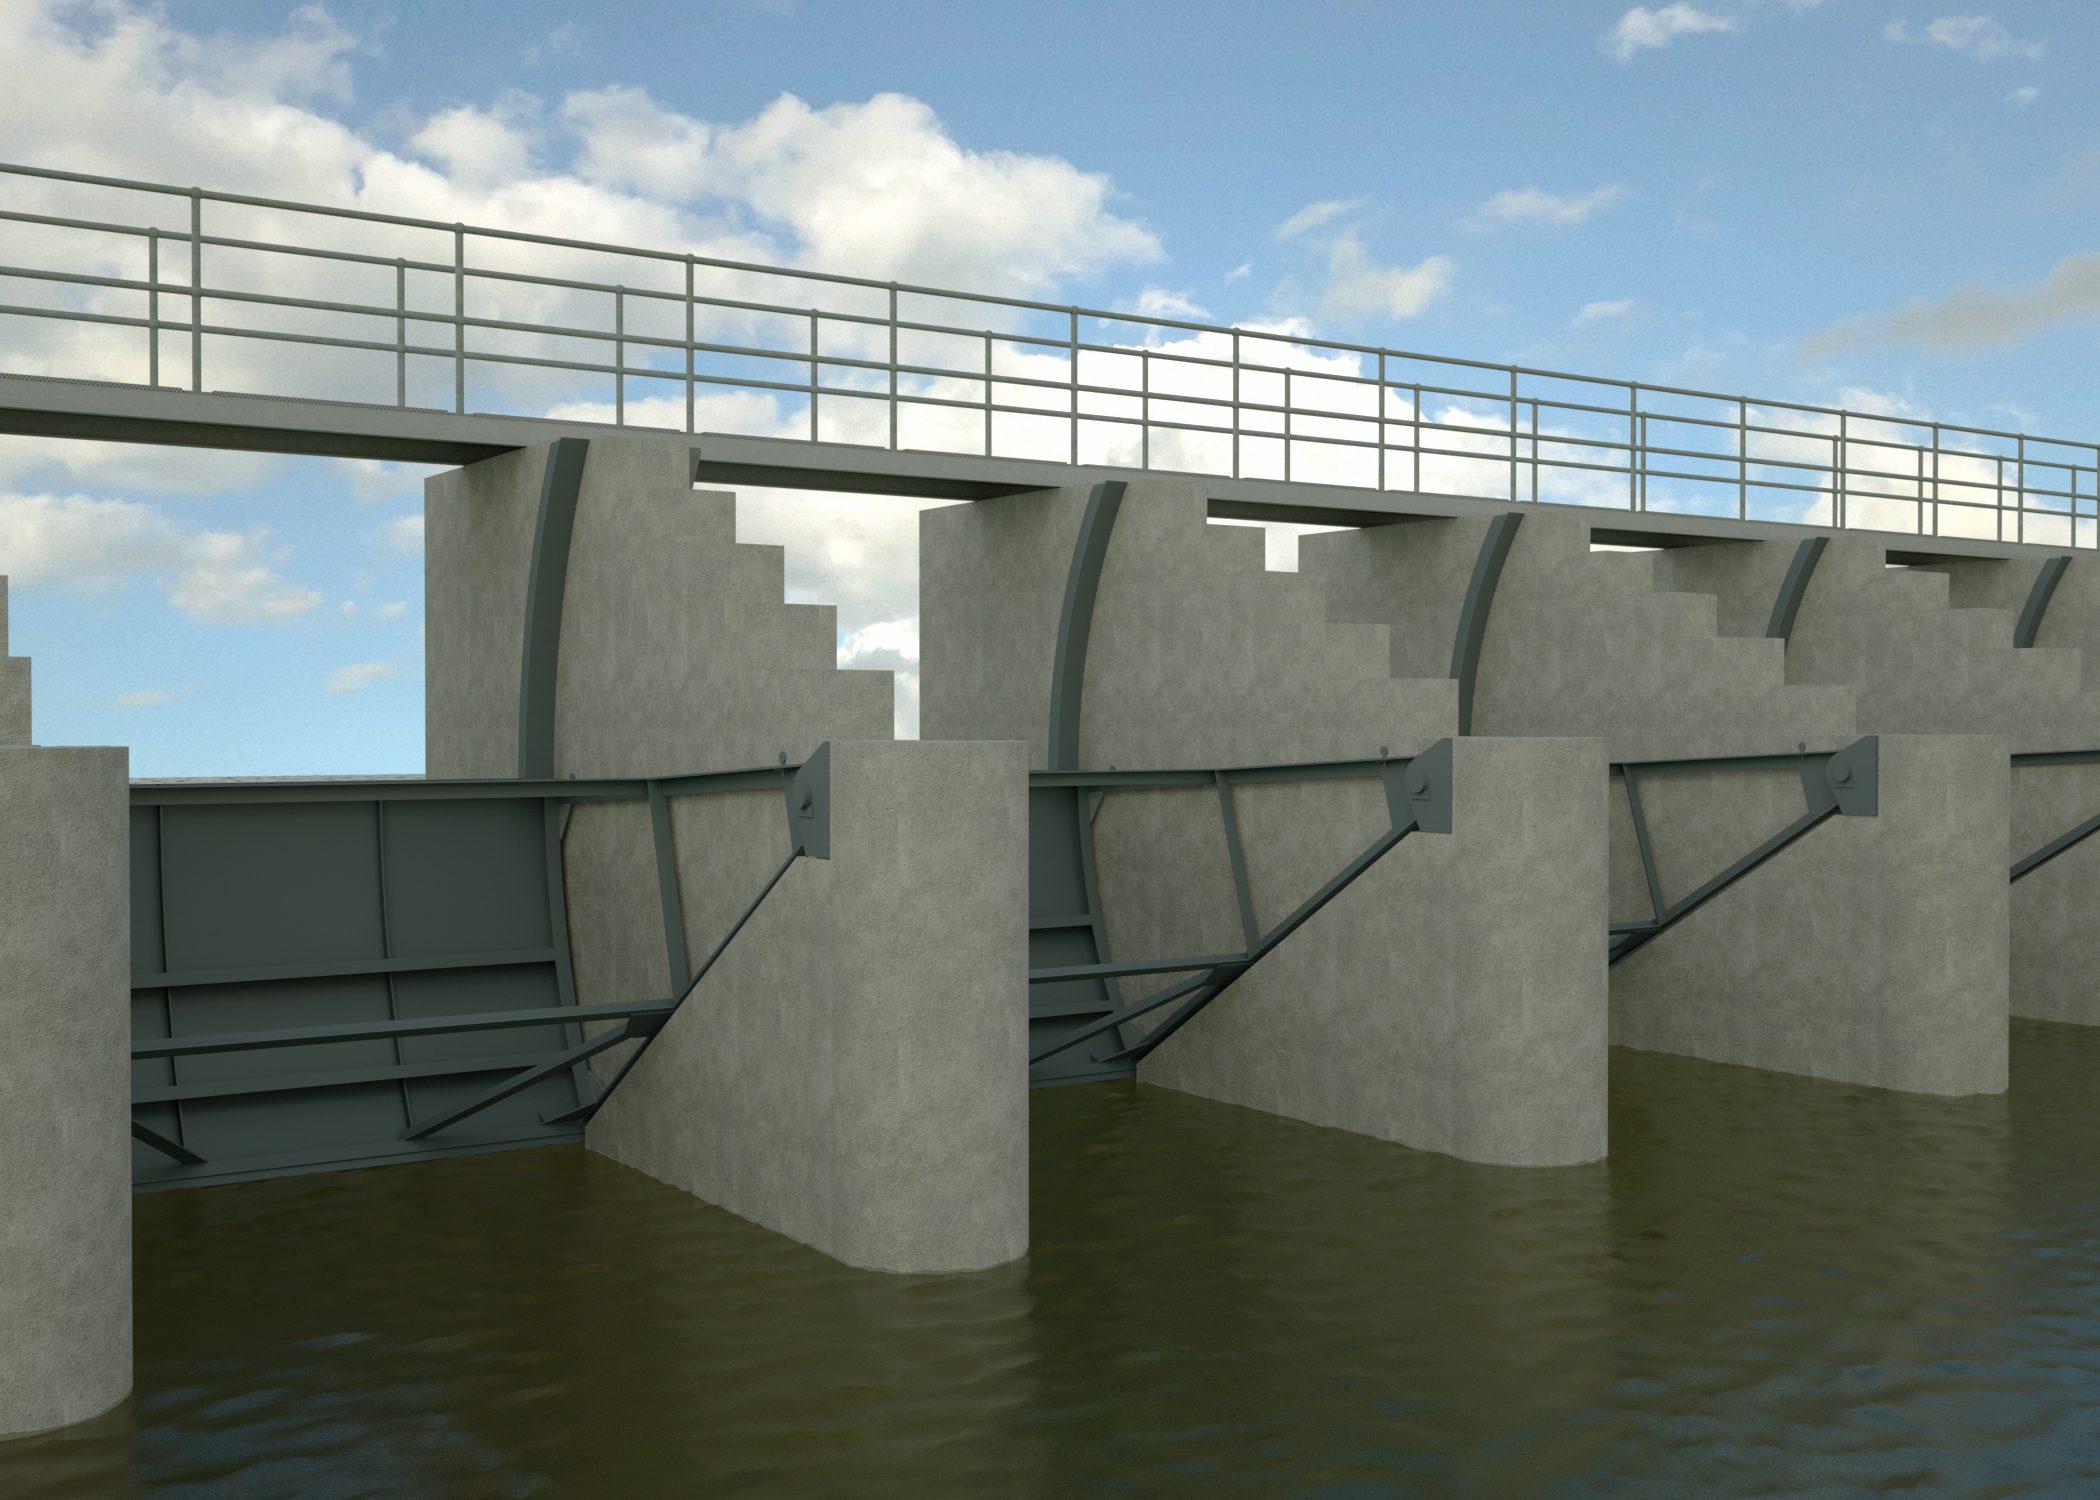 Weir gates